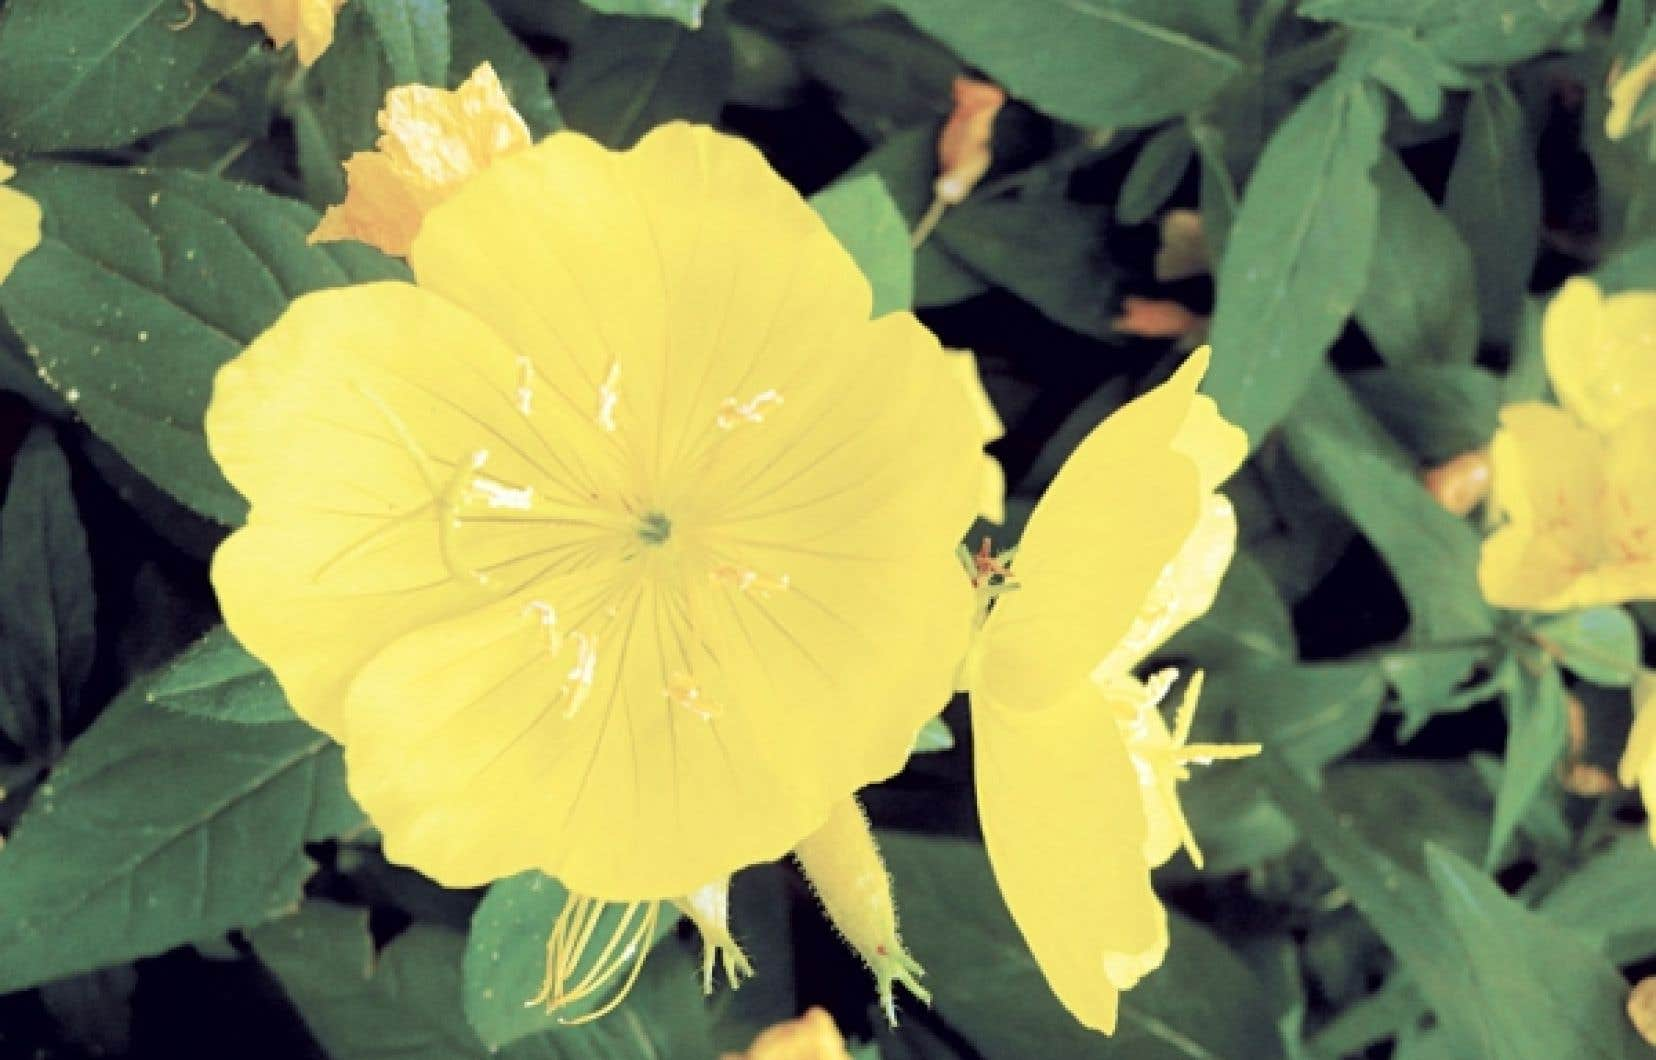 <div> Les fleurs d&rsquo;onagre se mangent enti&egrave;res, sans &eacute;tamines, ou encore on d&eacute;guste uniquement les p&eacute;tales. On les aime en salade et avec les l&eacute;gumes, le riz ou les p&acirc;tes.&nbsp;</div>